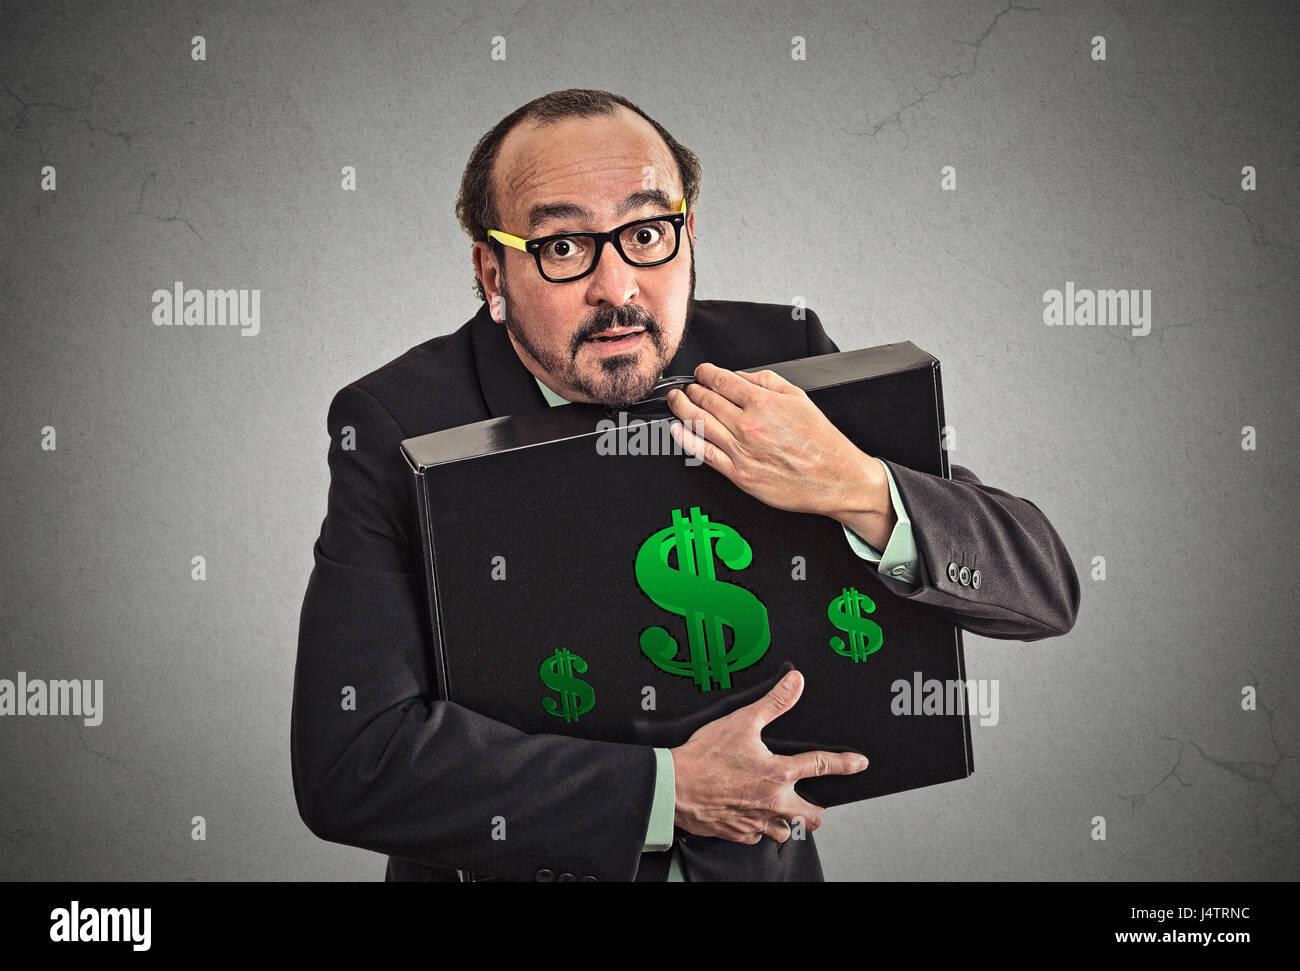 La richesse de l'avidité de l'argent de la sécurité. L'entreprise riche man in suit holding Photo Stock